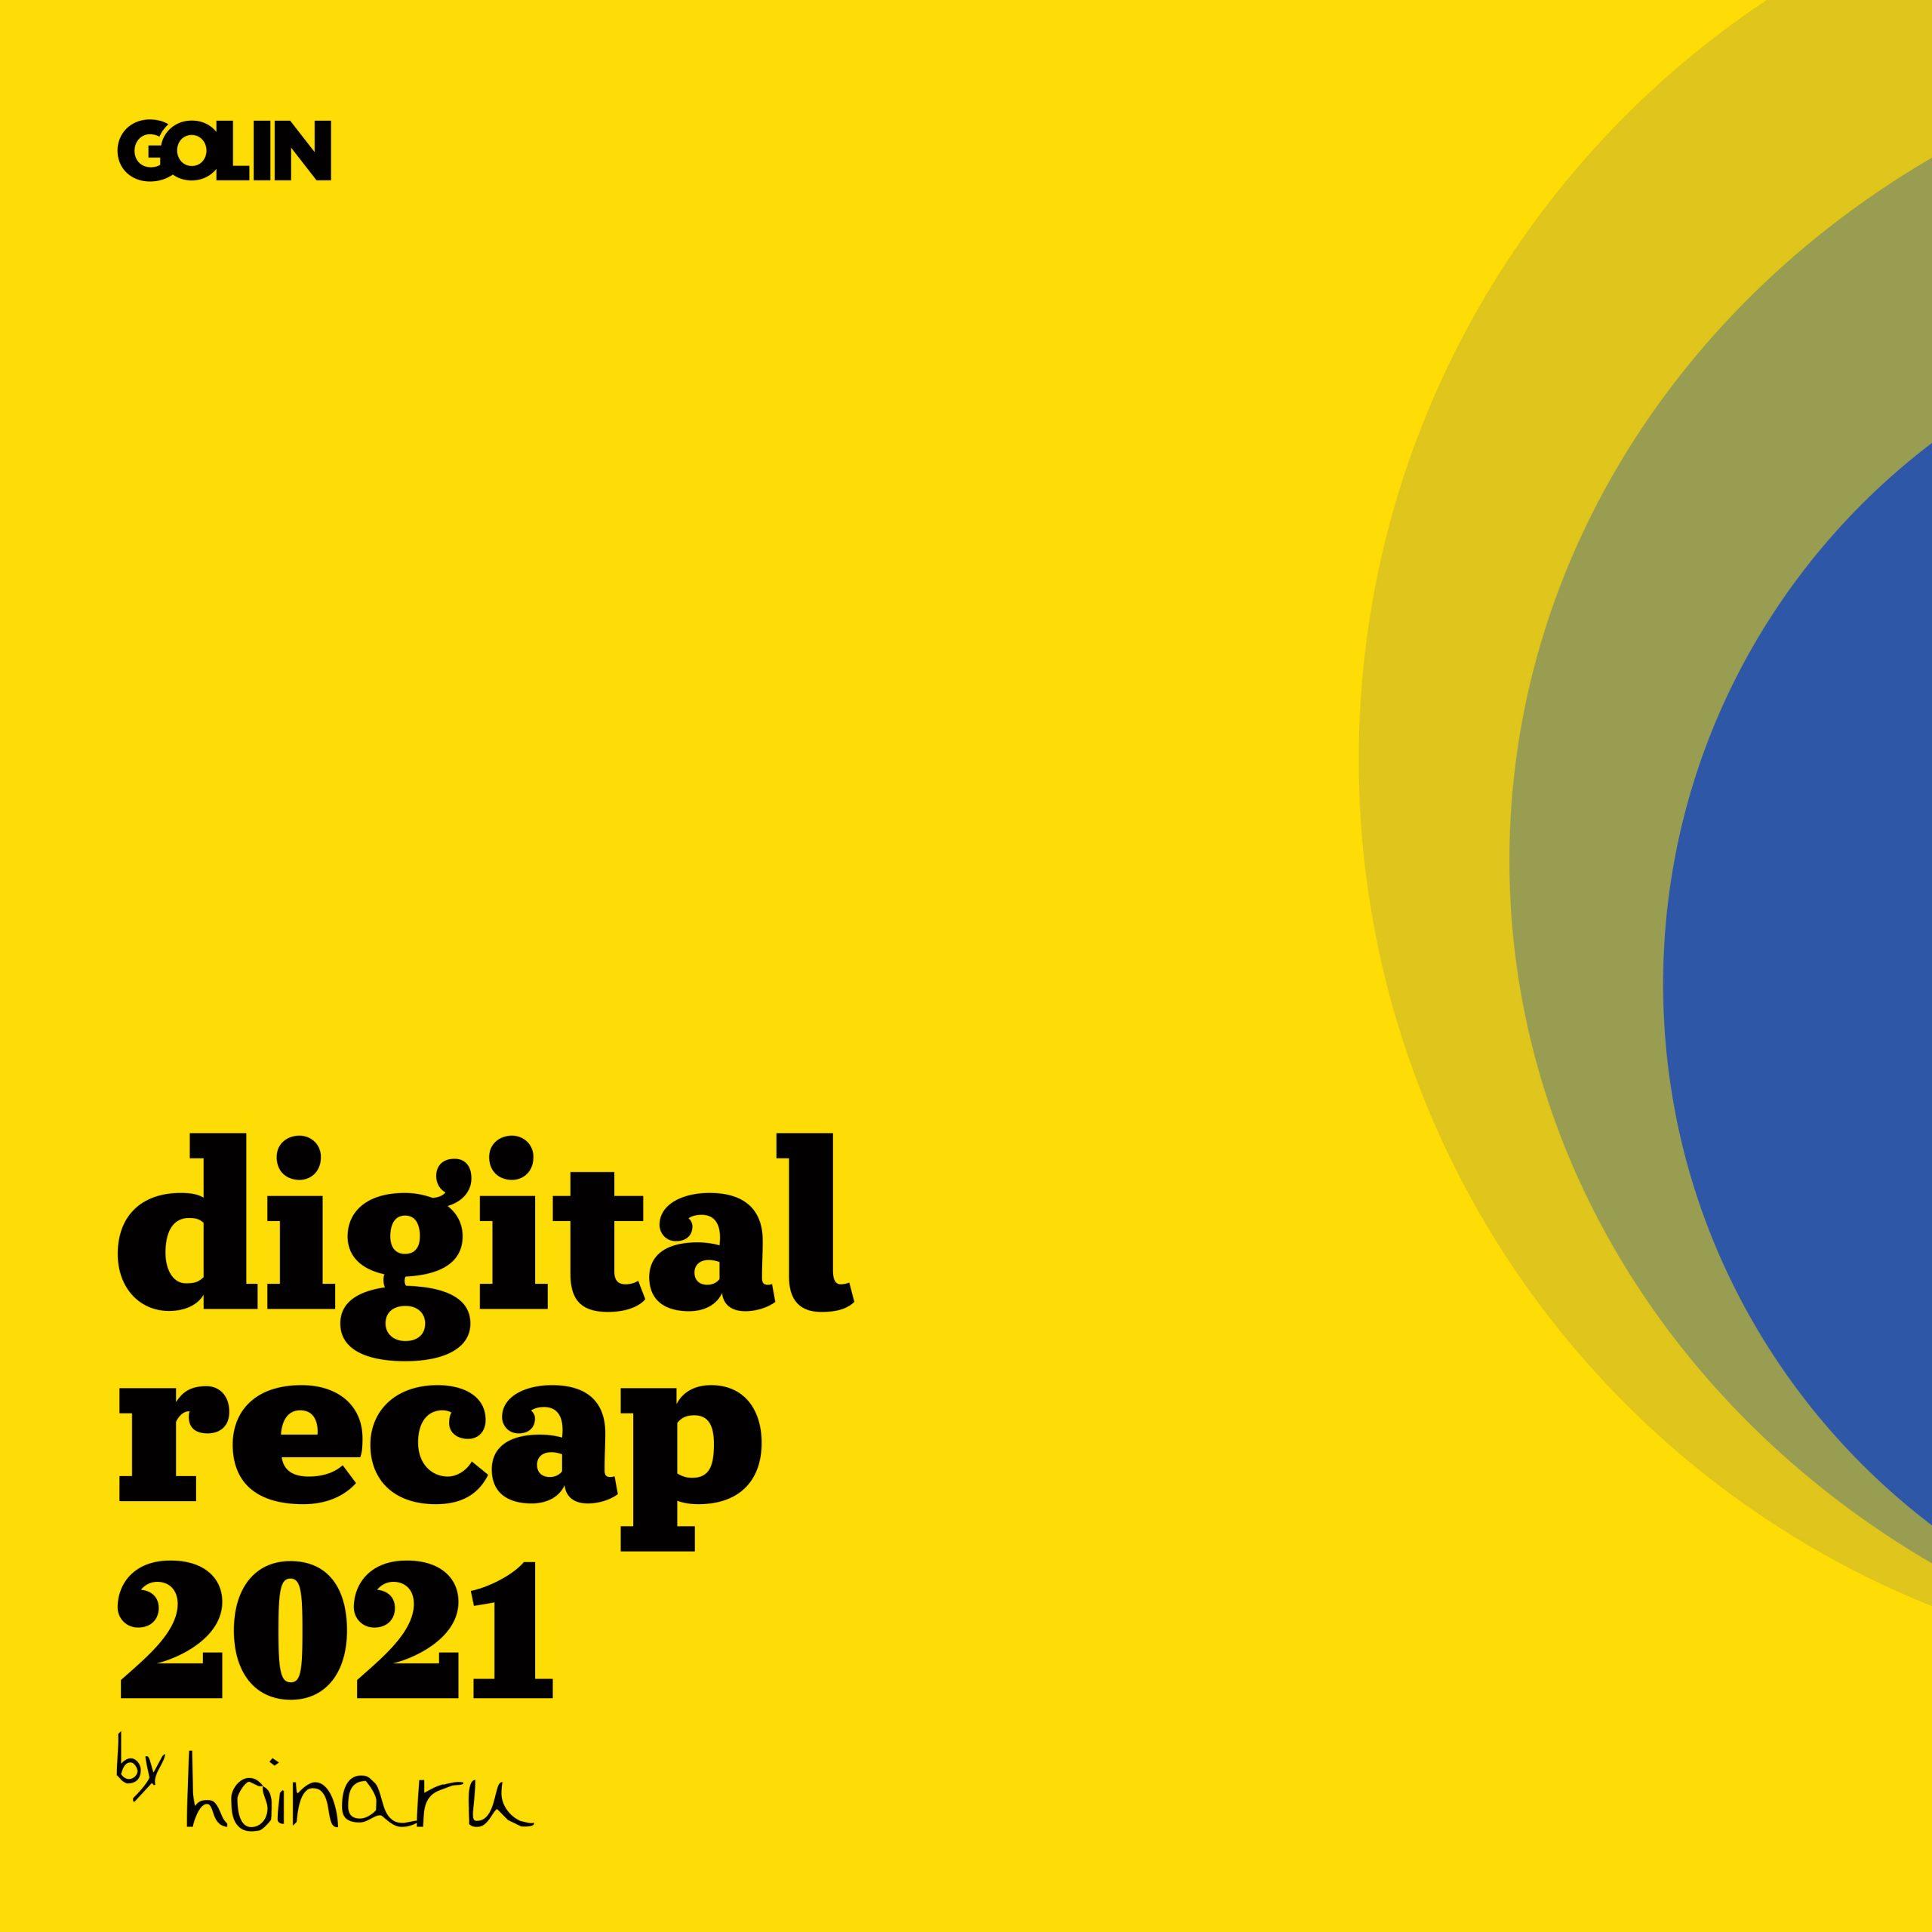 Image for Evoluția digitalului în ultimul an și trendurile pentru 2021 sunt dezbătute în ediția aniversară Digital Recap, marca Golin & Alex Ciucă